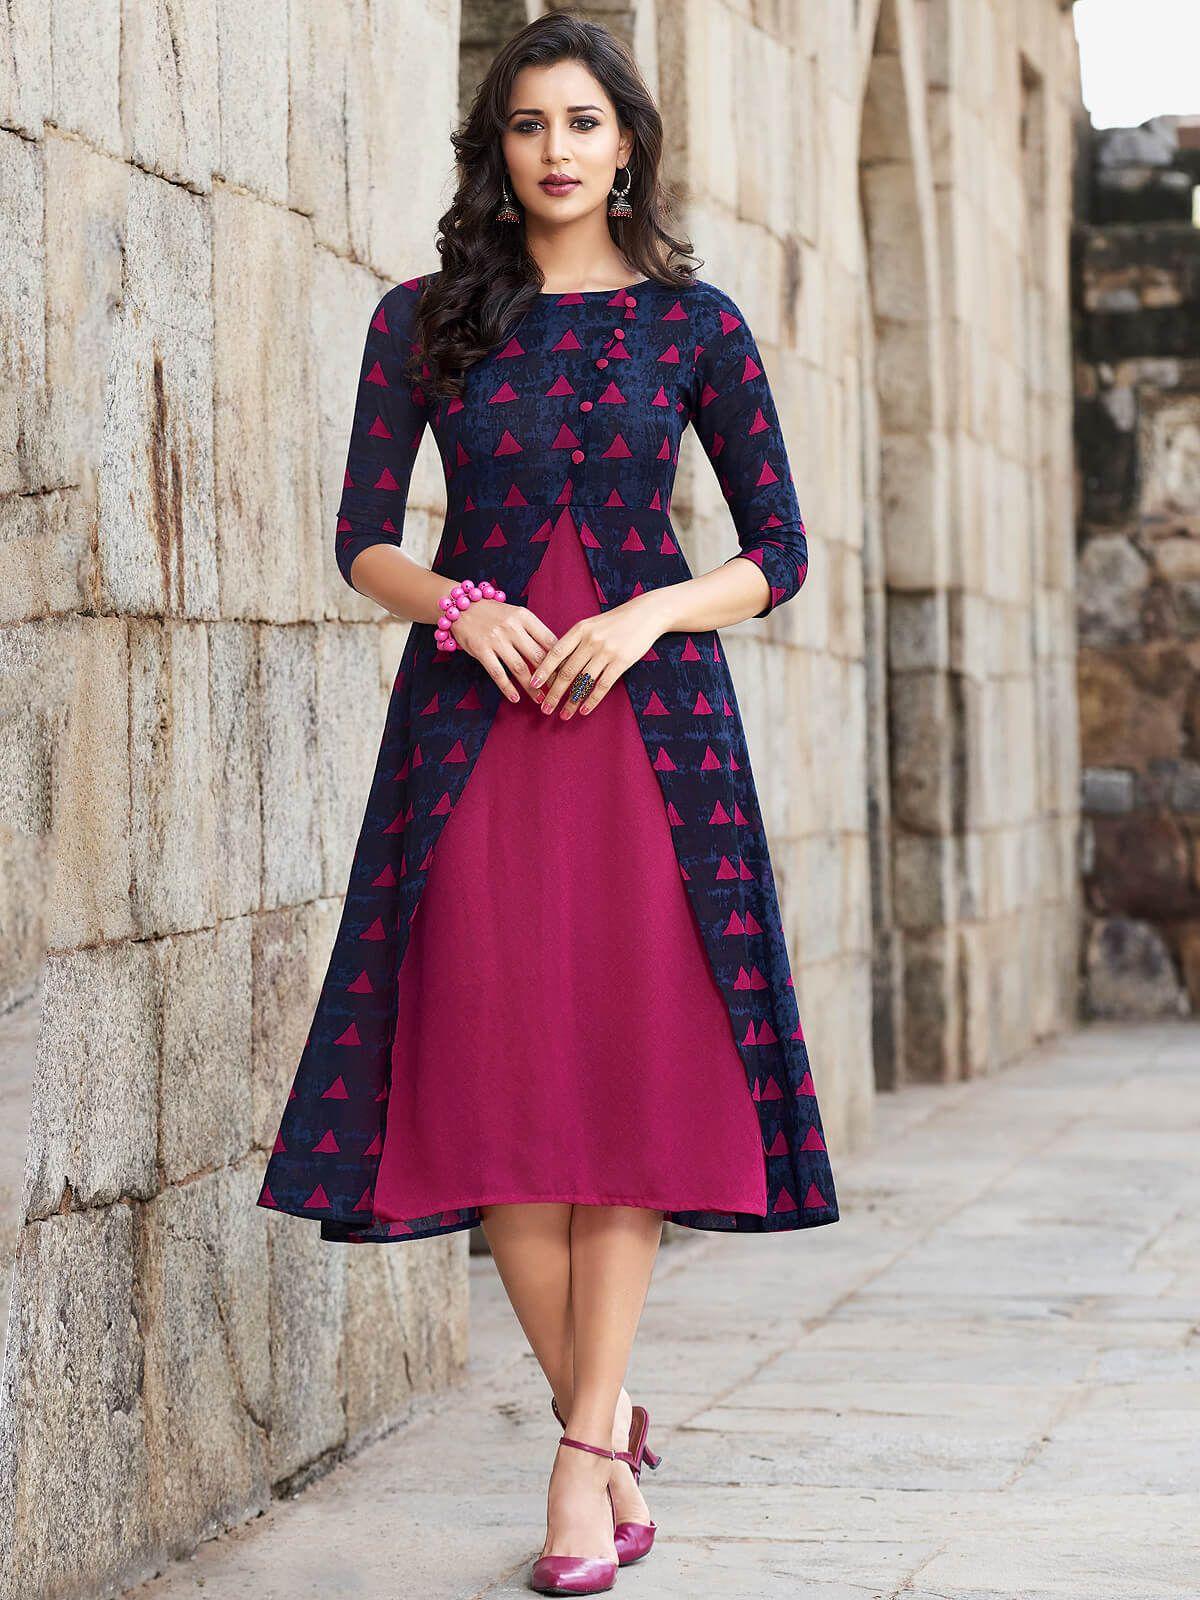 Jannat zubair pink dress  Normal kurtis  Salwar  Pinterest  Dresses Kurti and Frocks